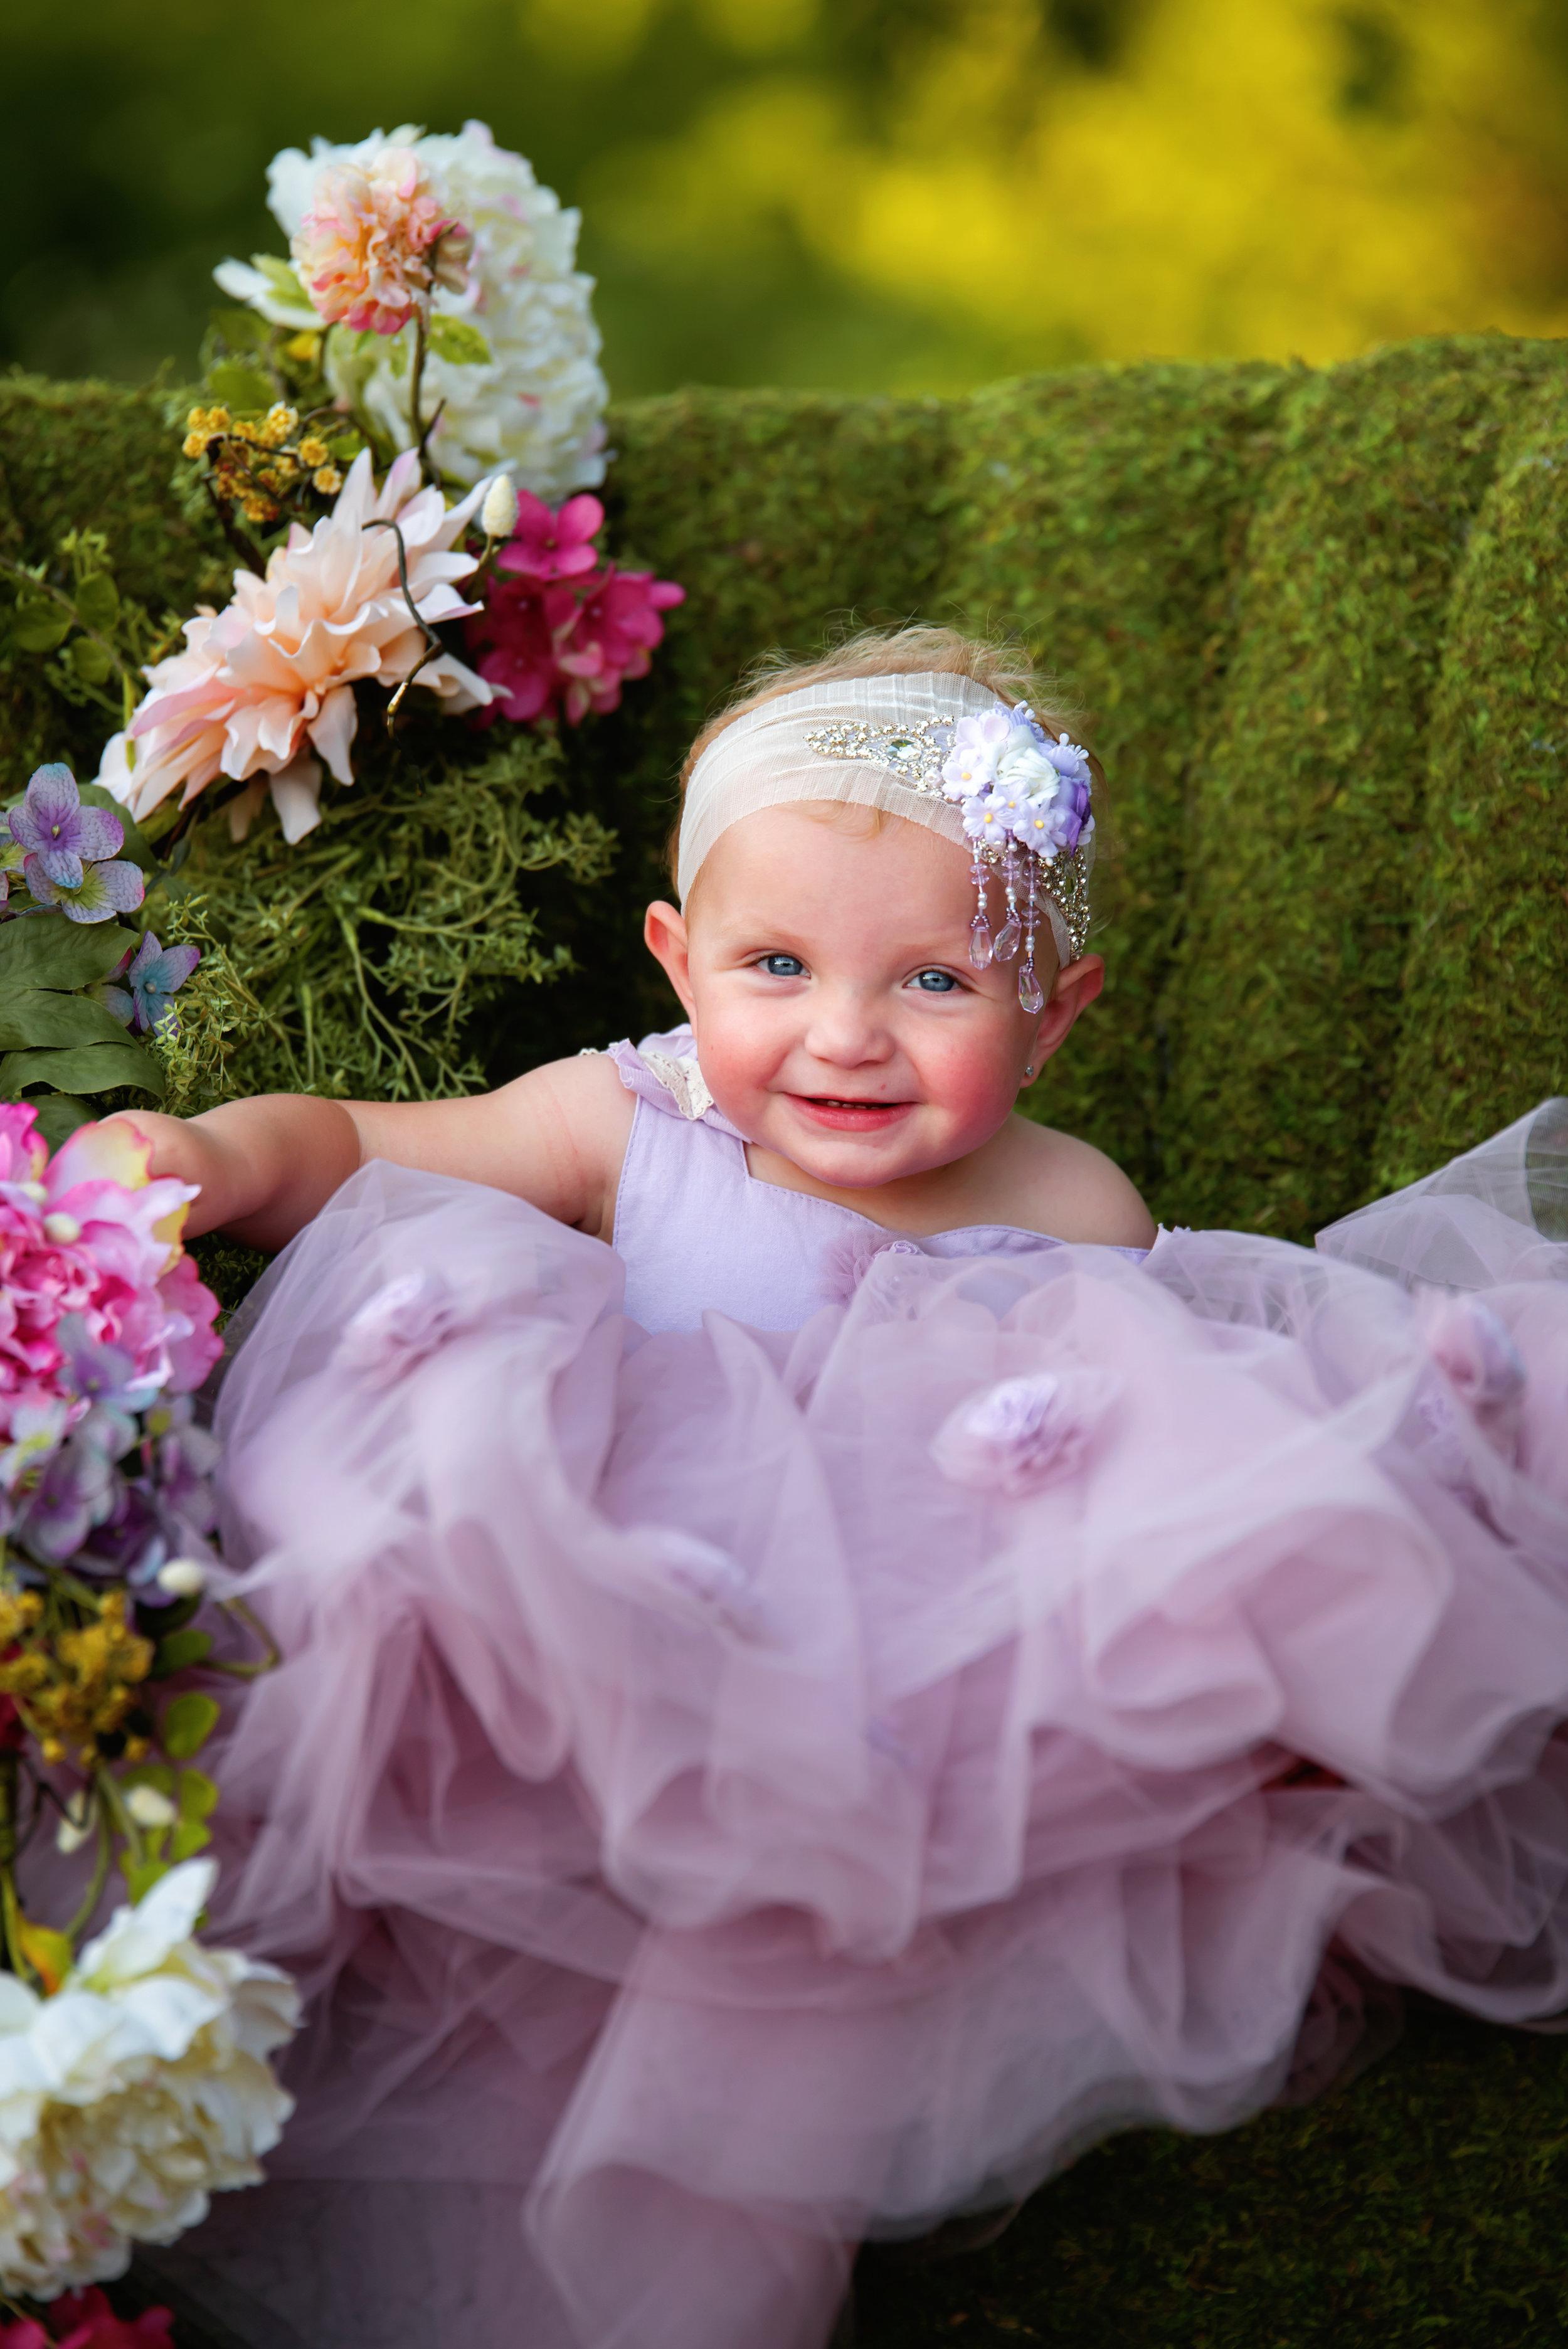 reina-legrand-photography-photographer-child-princess-cinderella-children-haslet-colleyville-fort-worth-dallas-dfw-westlake-southlake-grapevine-baby.jpg